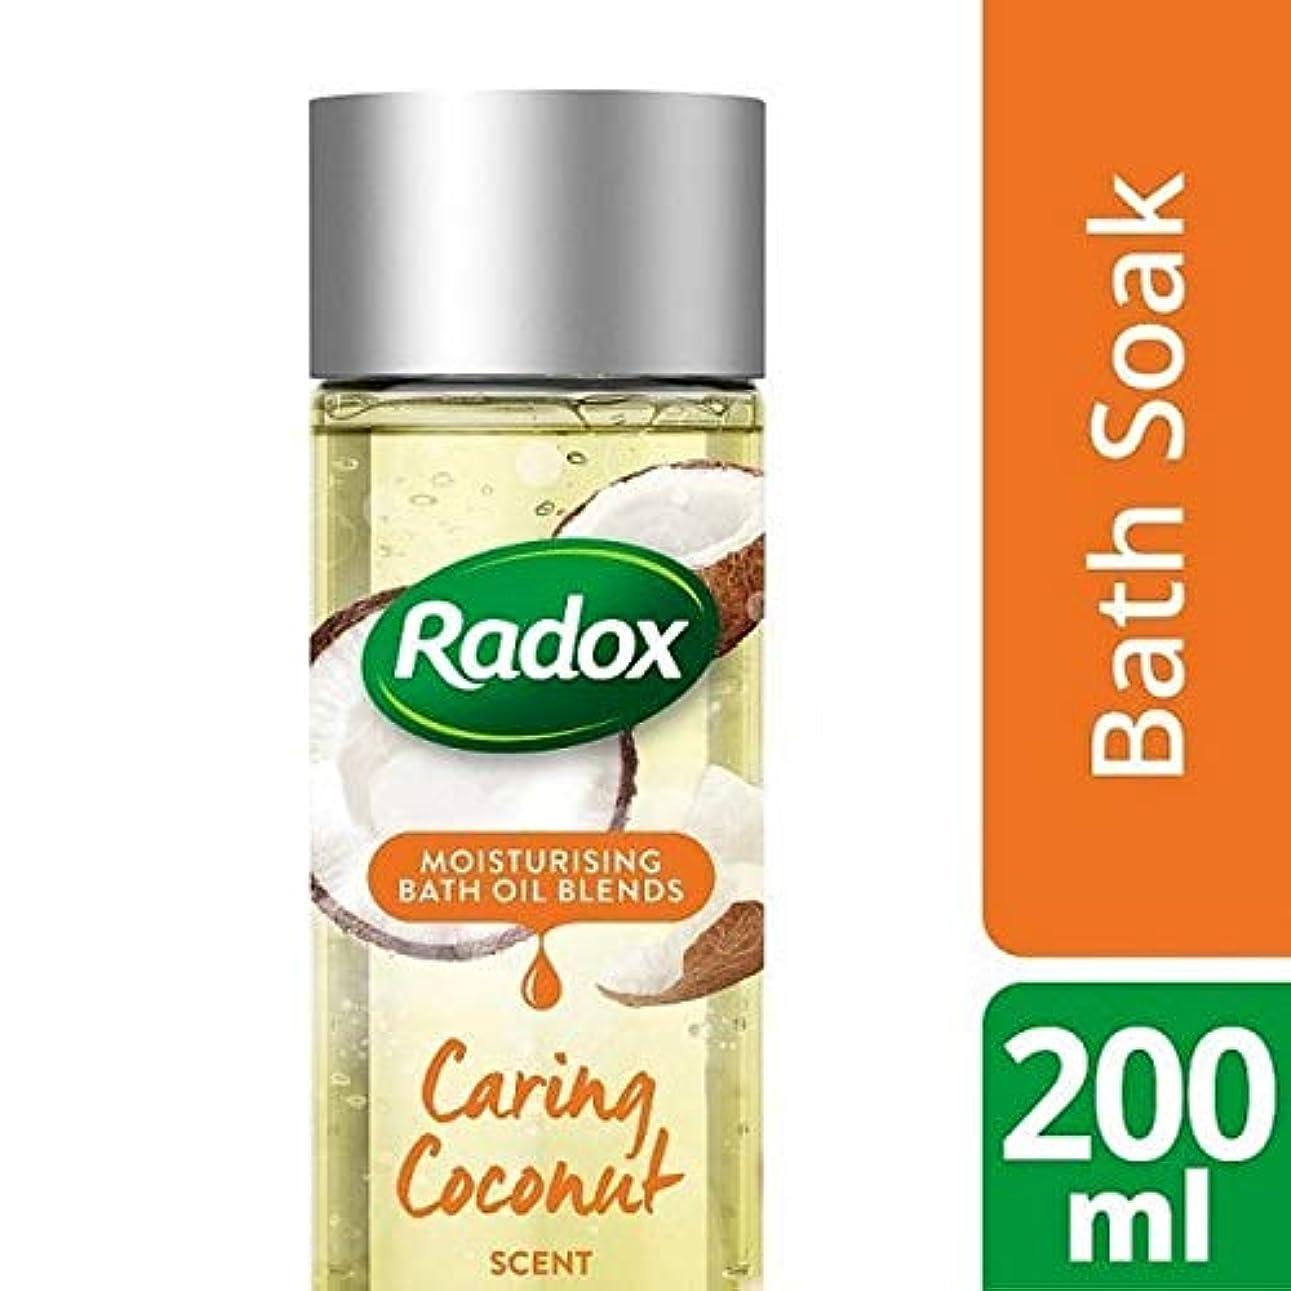 分配します干渉するインタビュー[Radox] Radoxのバスオイル思いやりのあるココナッツの香りの200ミリリットル - Radox Bath Oil Caring Coconut Scent 200ml [並行輸入品]